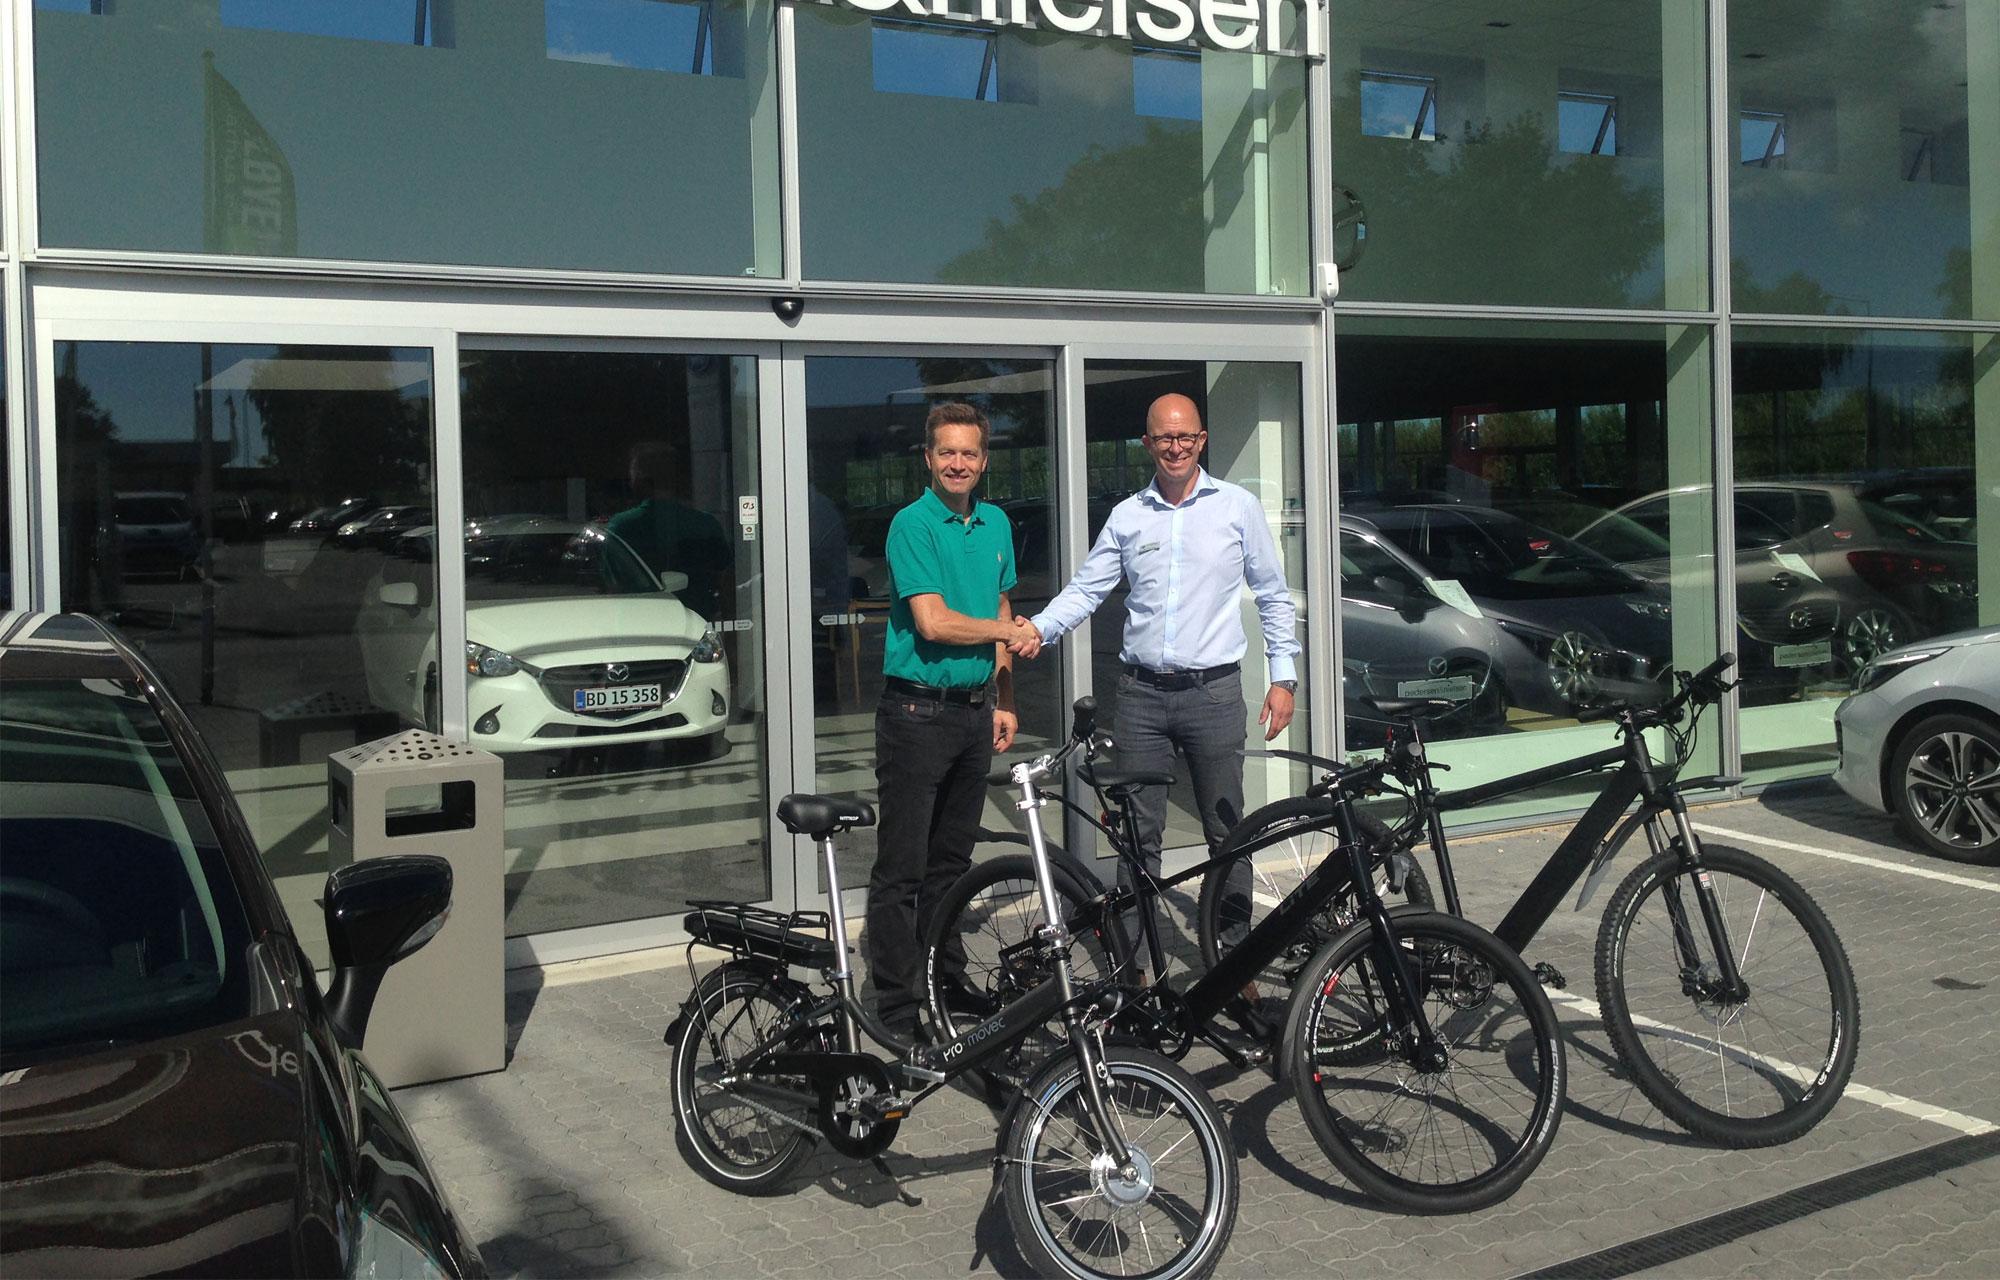 Pedersen & Nielsen Automobilforretning i Risskov udvider modelporteføljen med tohjulede køretøjer